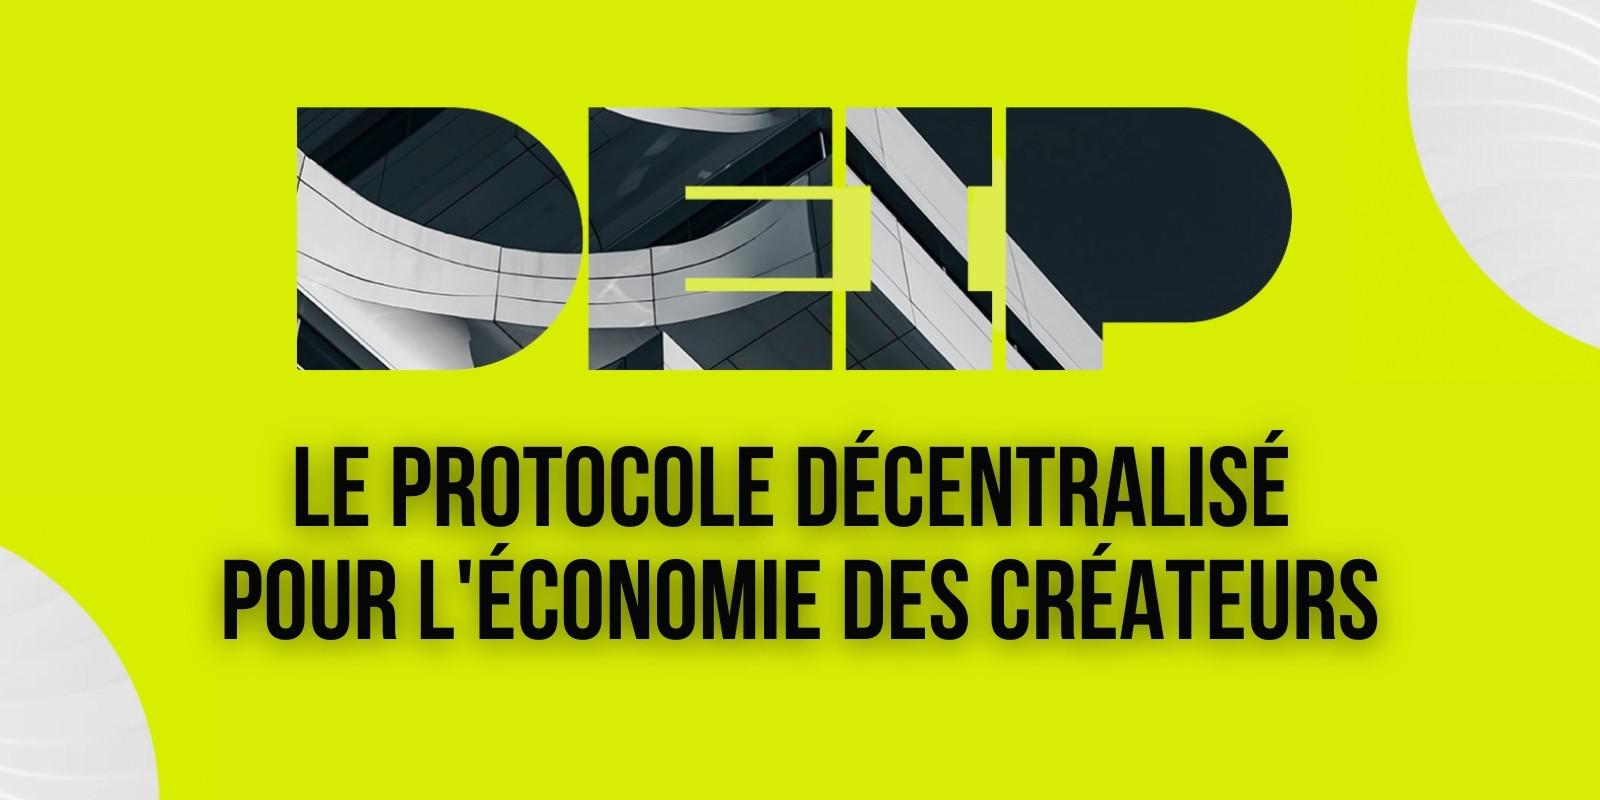 Découvrez DEIP, une infrastructure décentralisée pour l'économie des créateurs